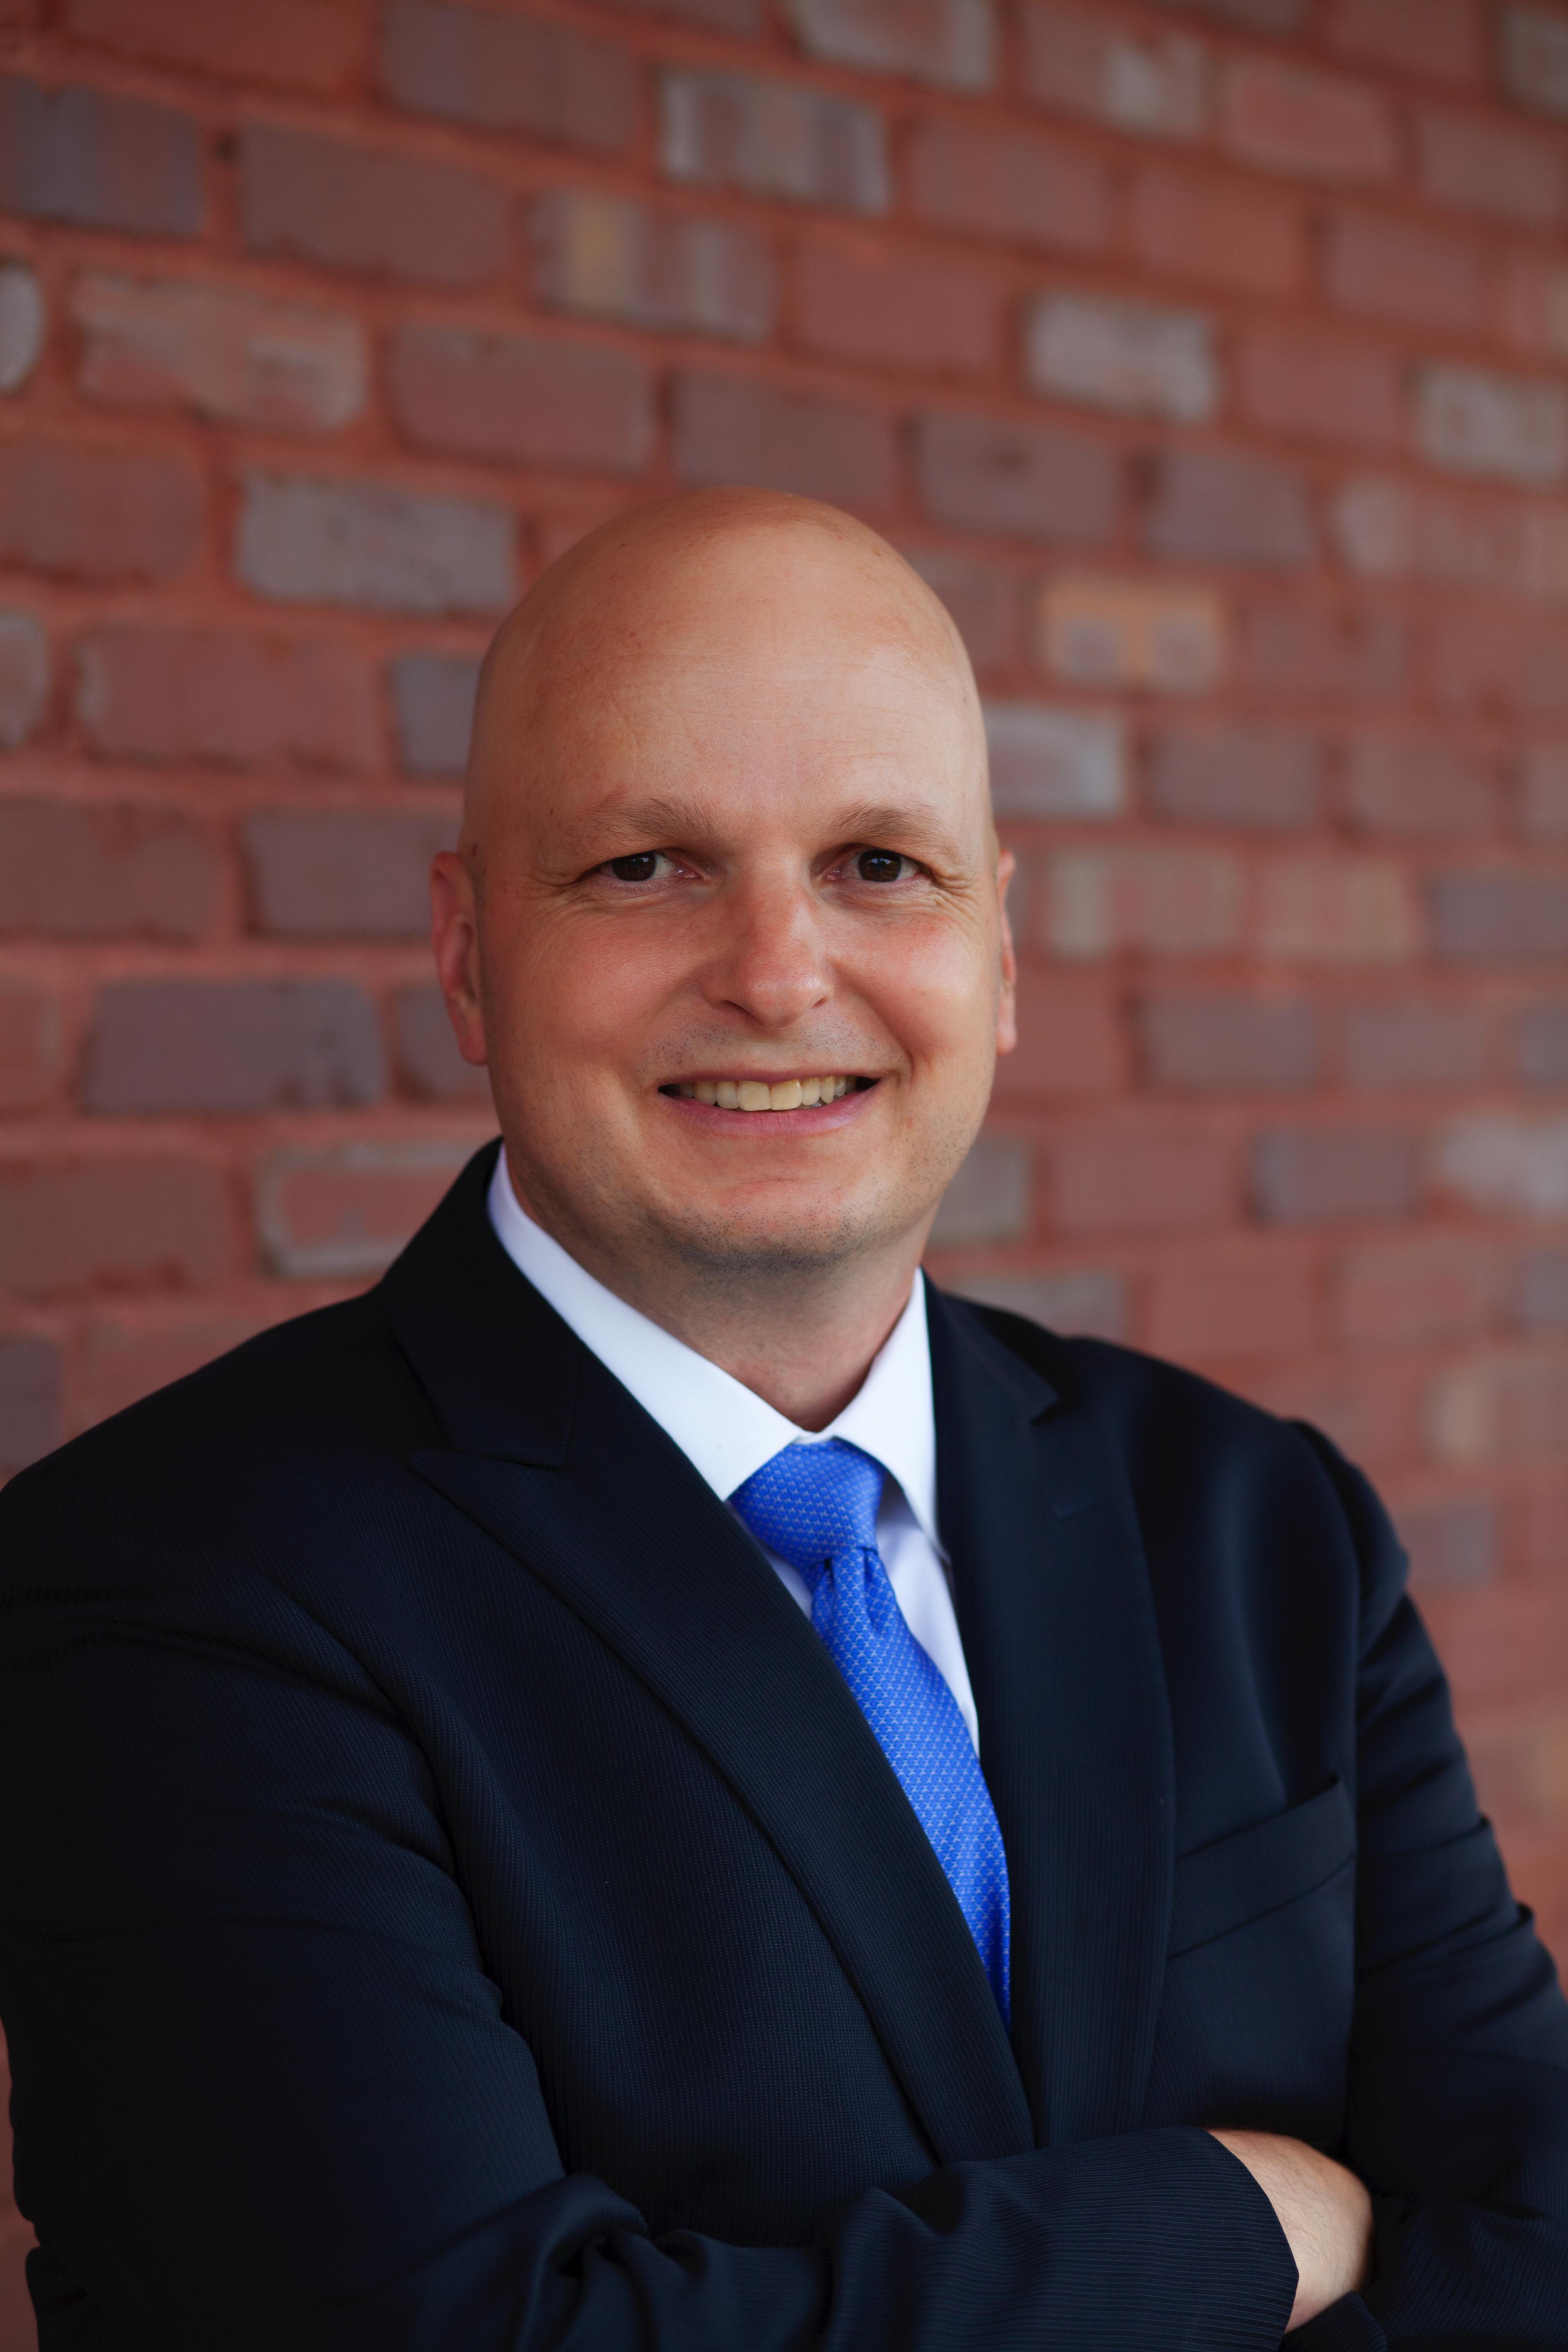 profile image for Matt Allen